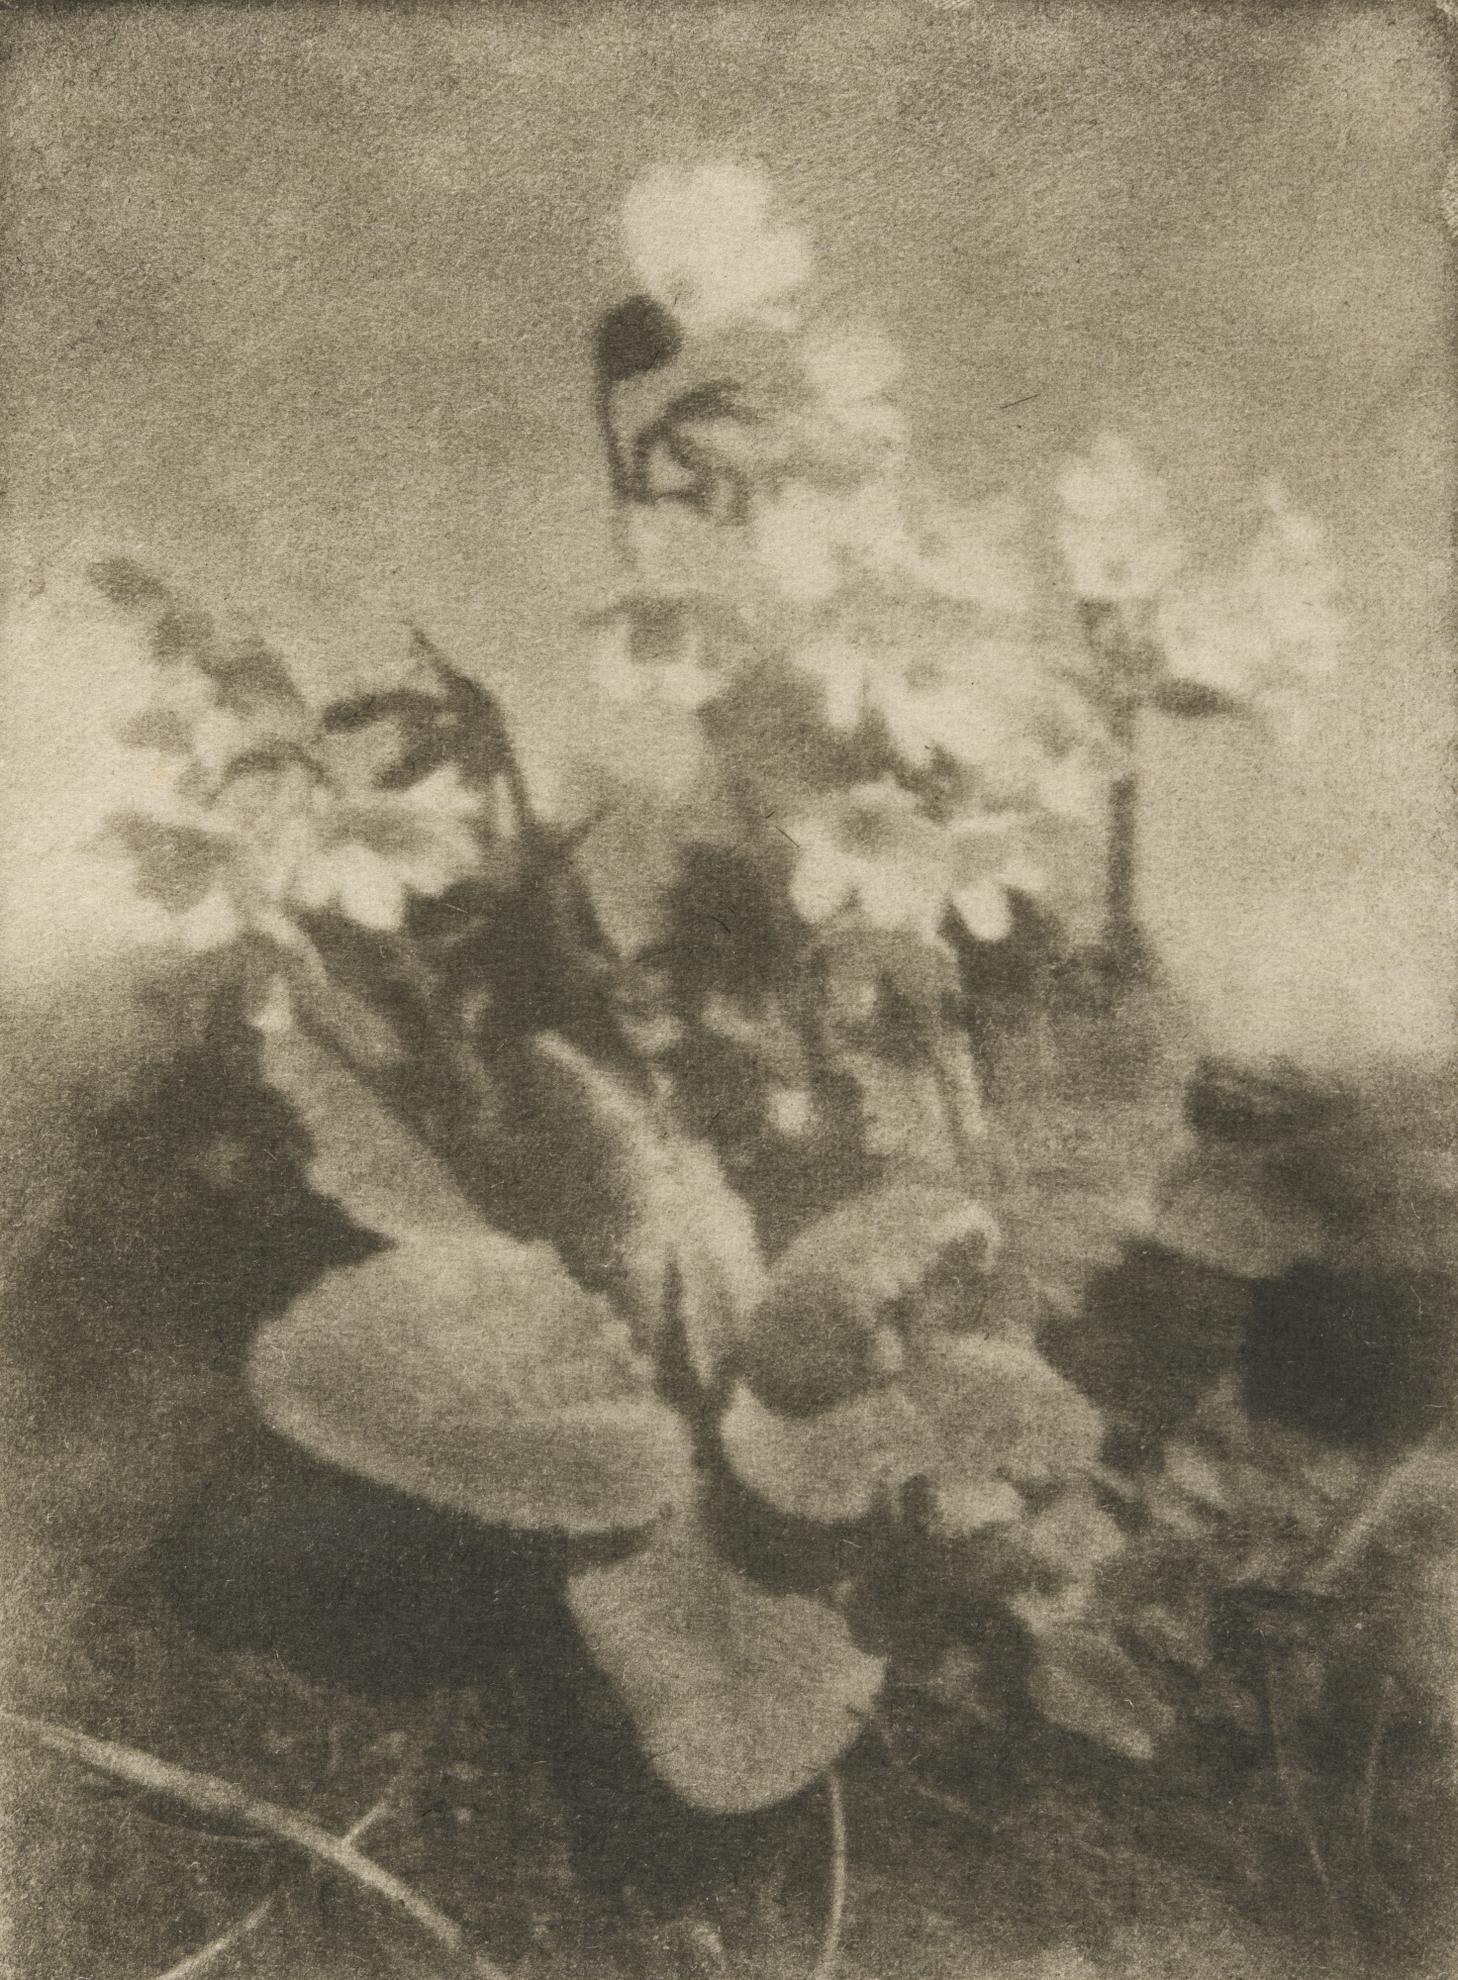 Heinrich Kuhn-Primrose, Tyrol, 1907-1907